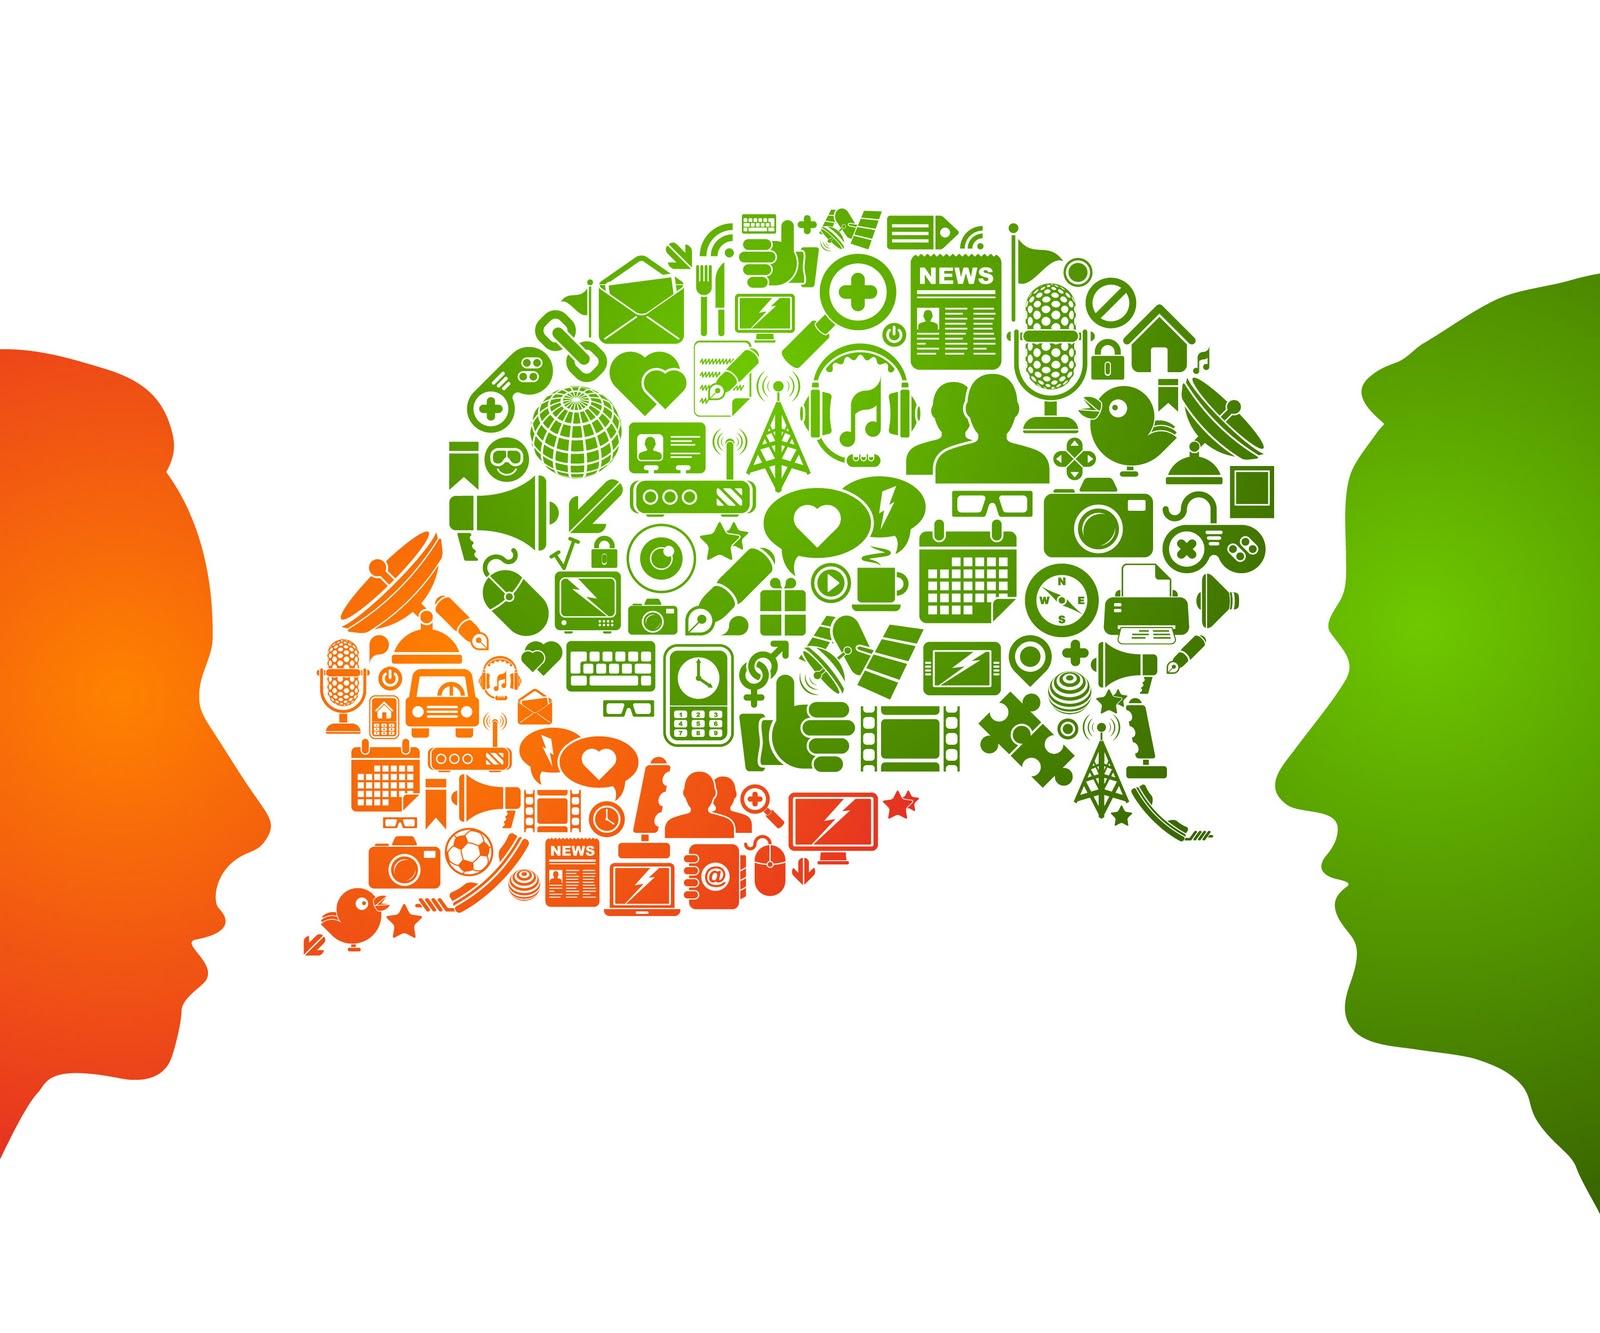 Công cụ Marketing online giúp nhà trường tiếp cận được nhiều thí sinh hơn